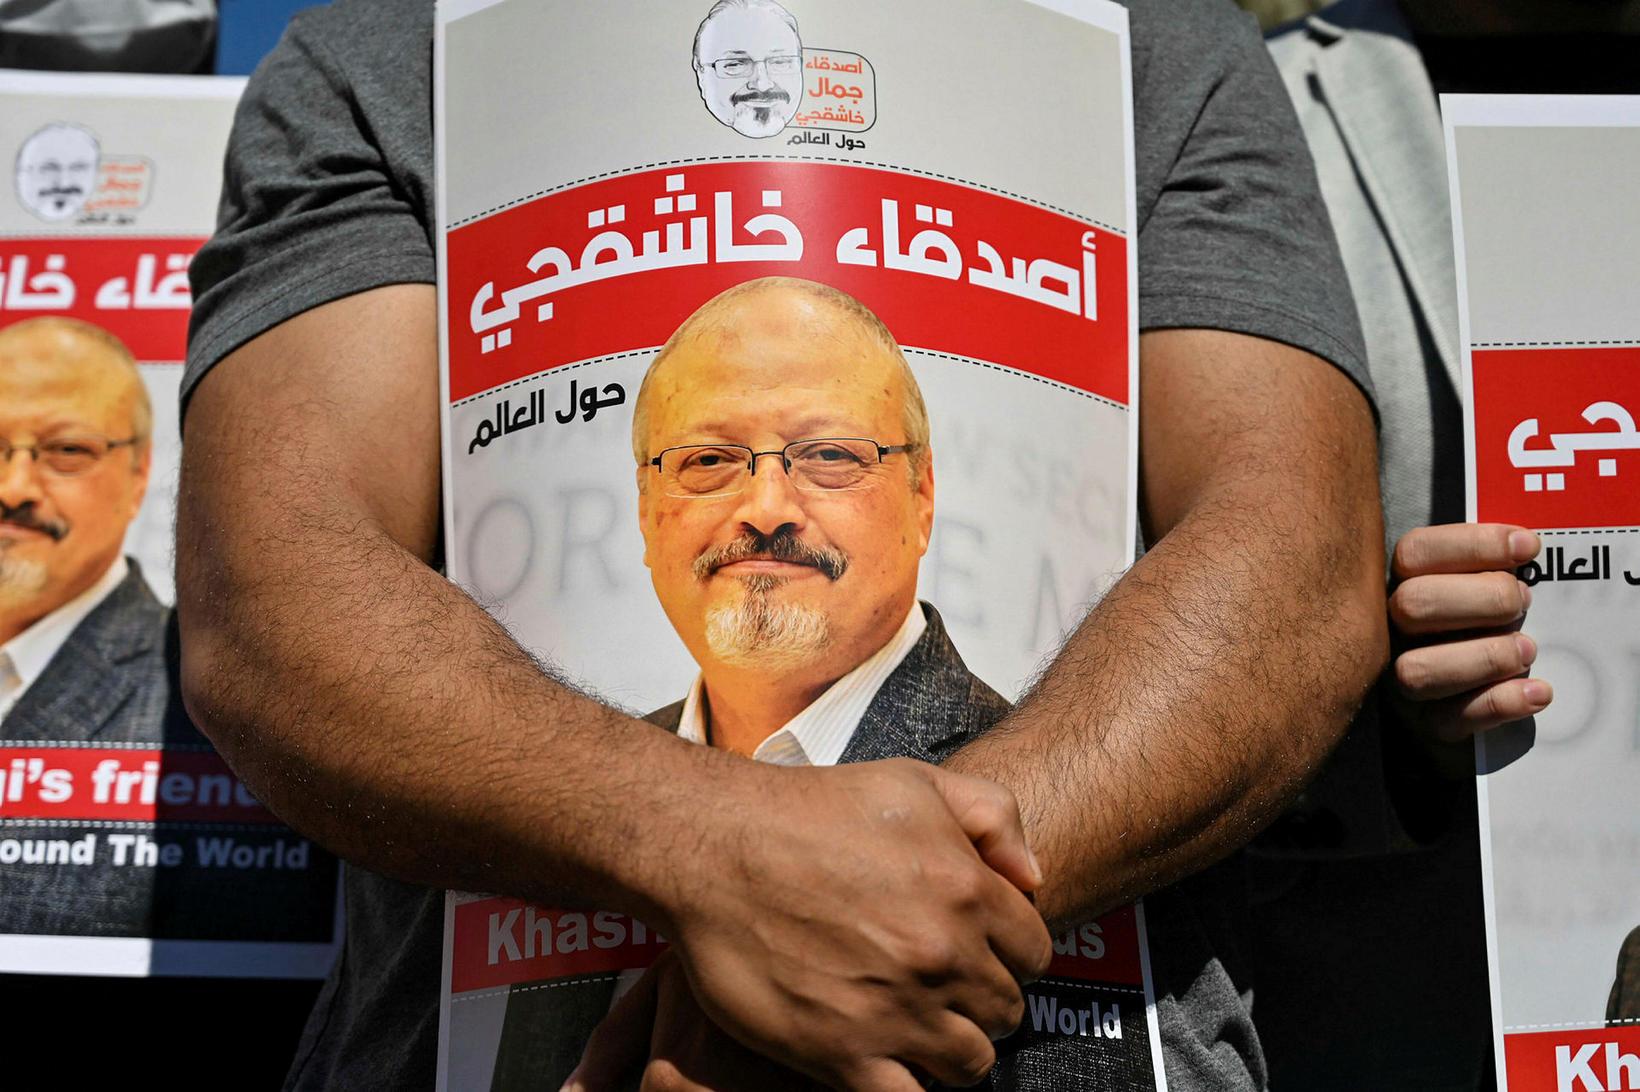 Vinir Jamals Khashoggi halda á plakötum með myndum af honum …